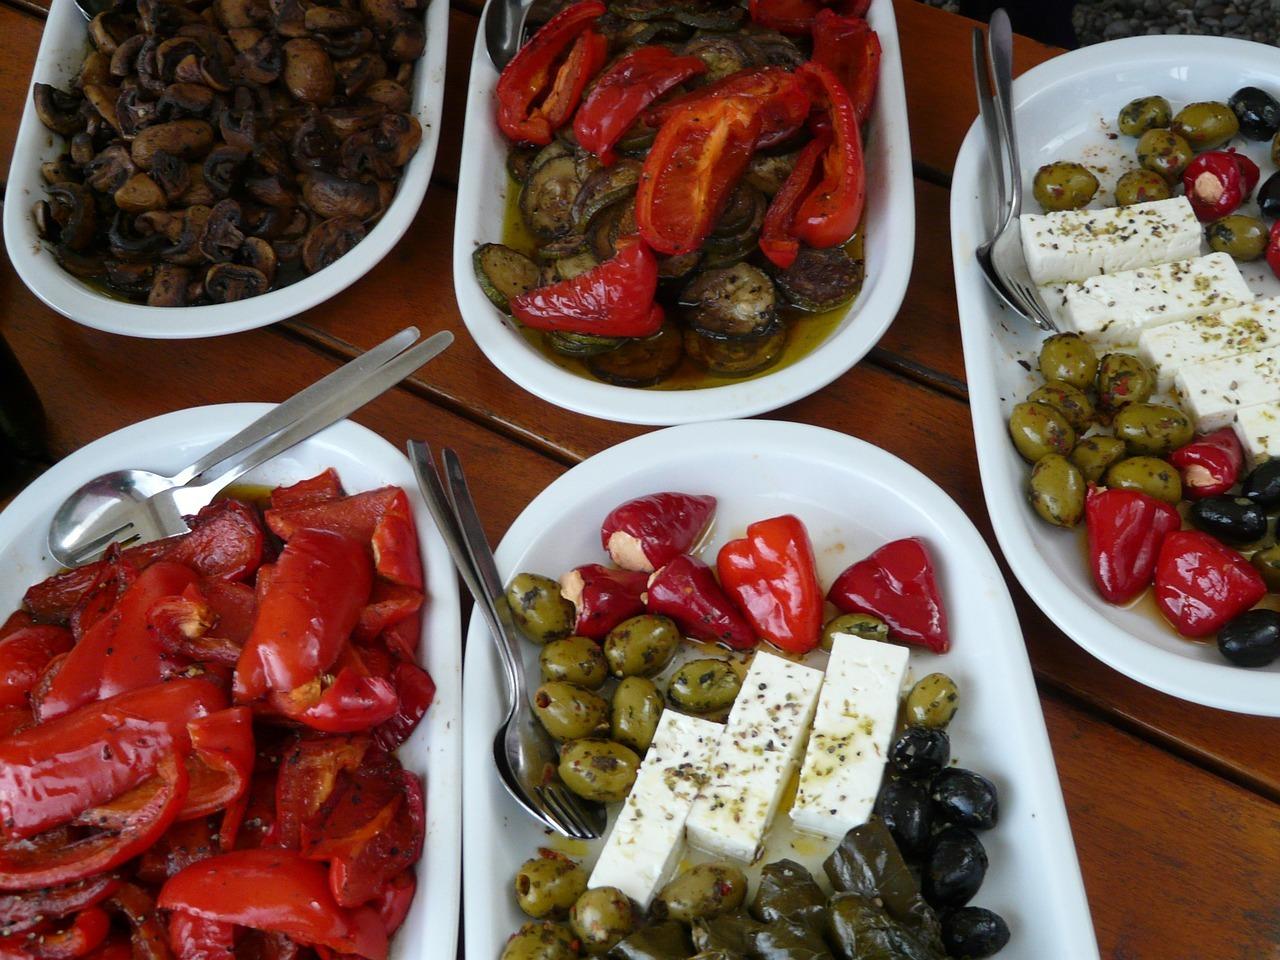 Eingelegte Paprika passt sehr gut zu Feta, Oliven oder Pilzen und kann auch mit diesen gemeinsam eingelegt werden.